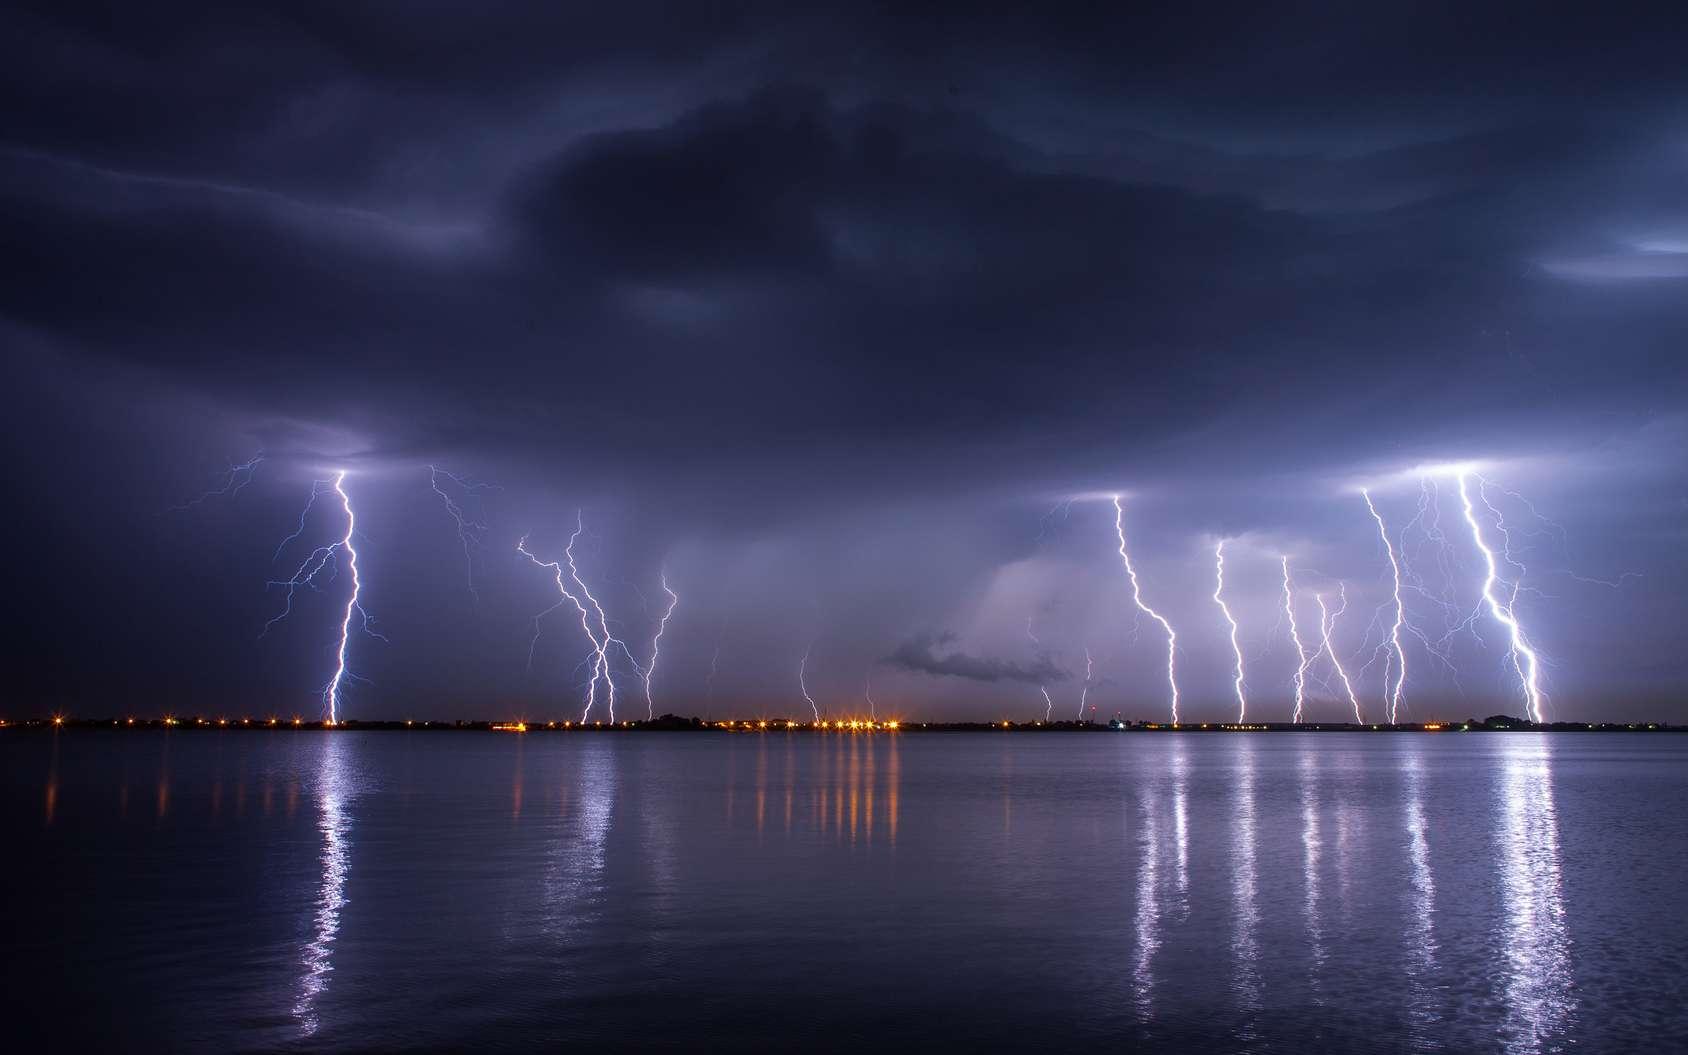 Si votre asthme s'intensifie alors que le temps s'assombrit, l'orage à venir est peut-être la cause. © danmir12, Fotolia